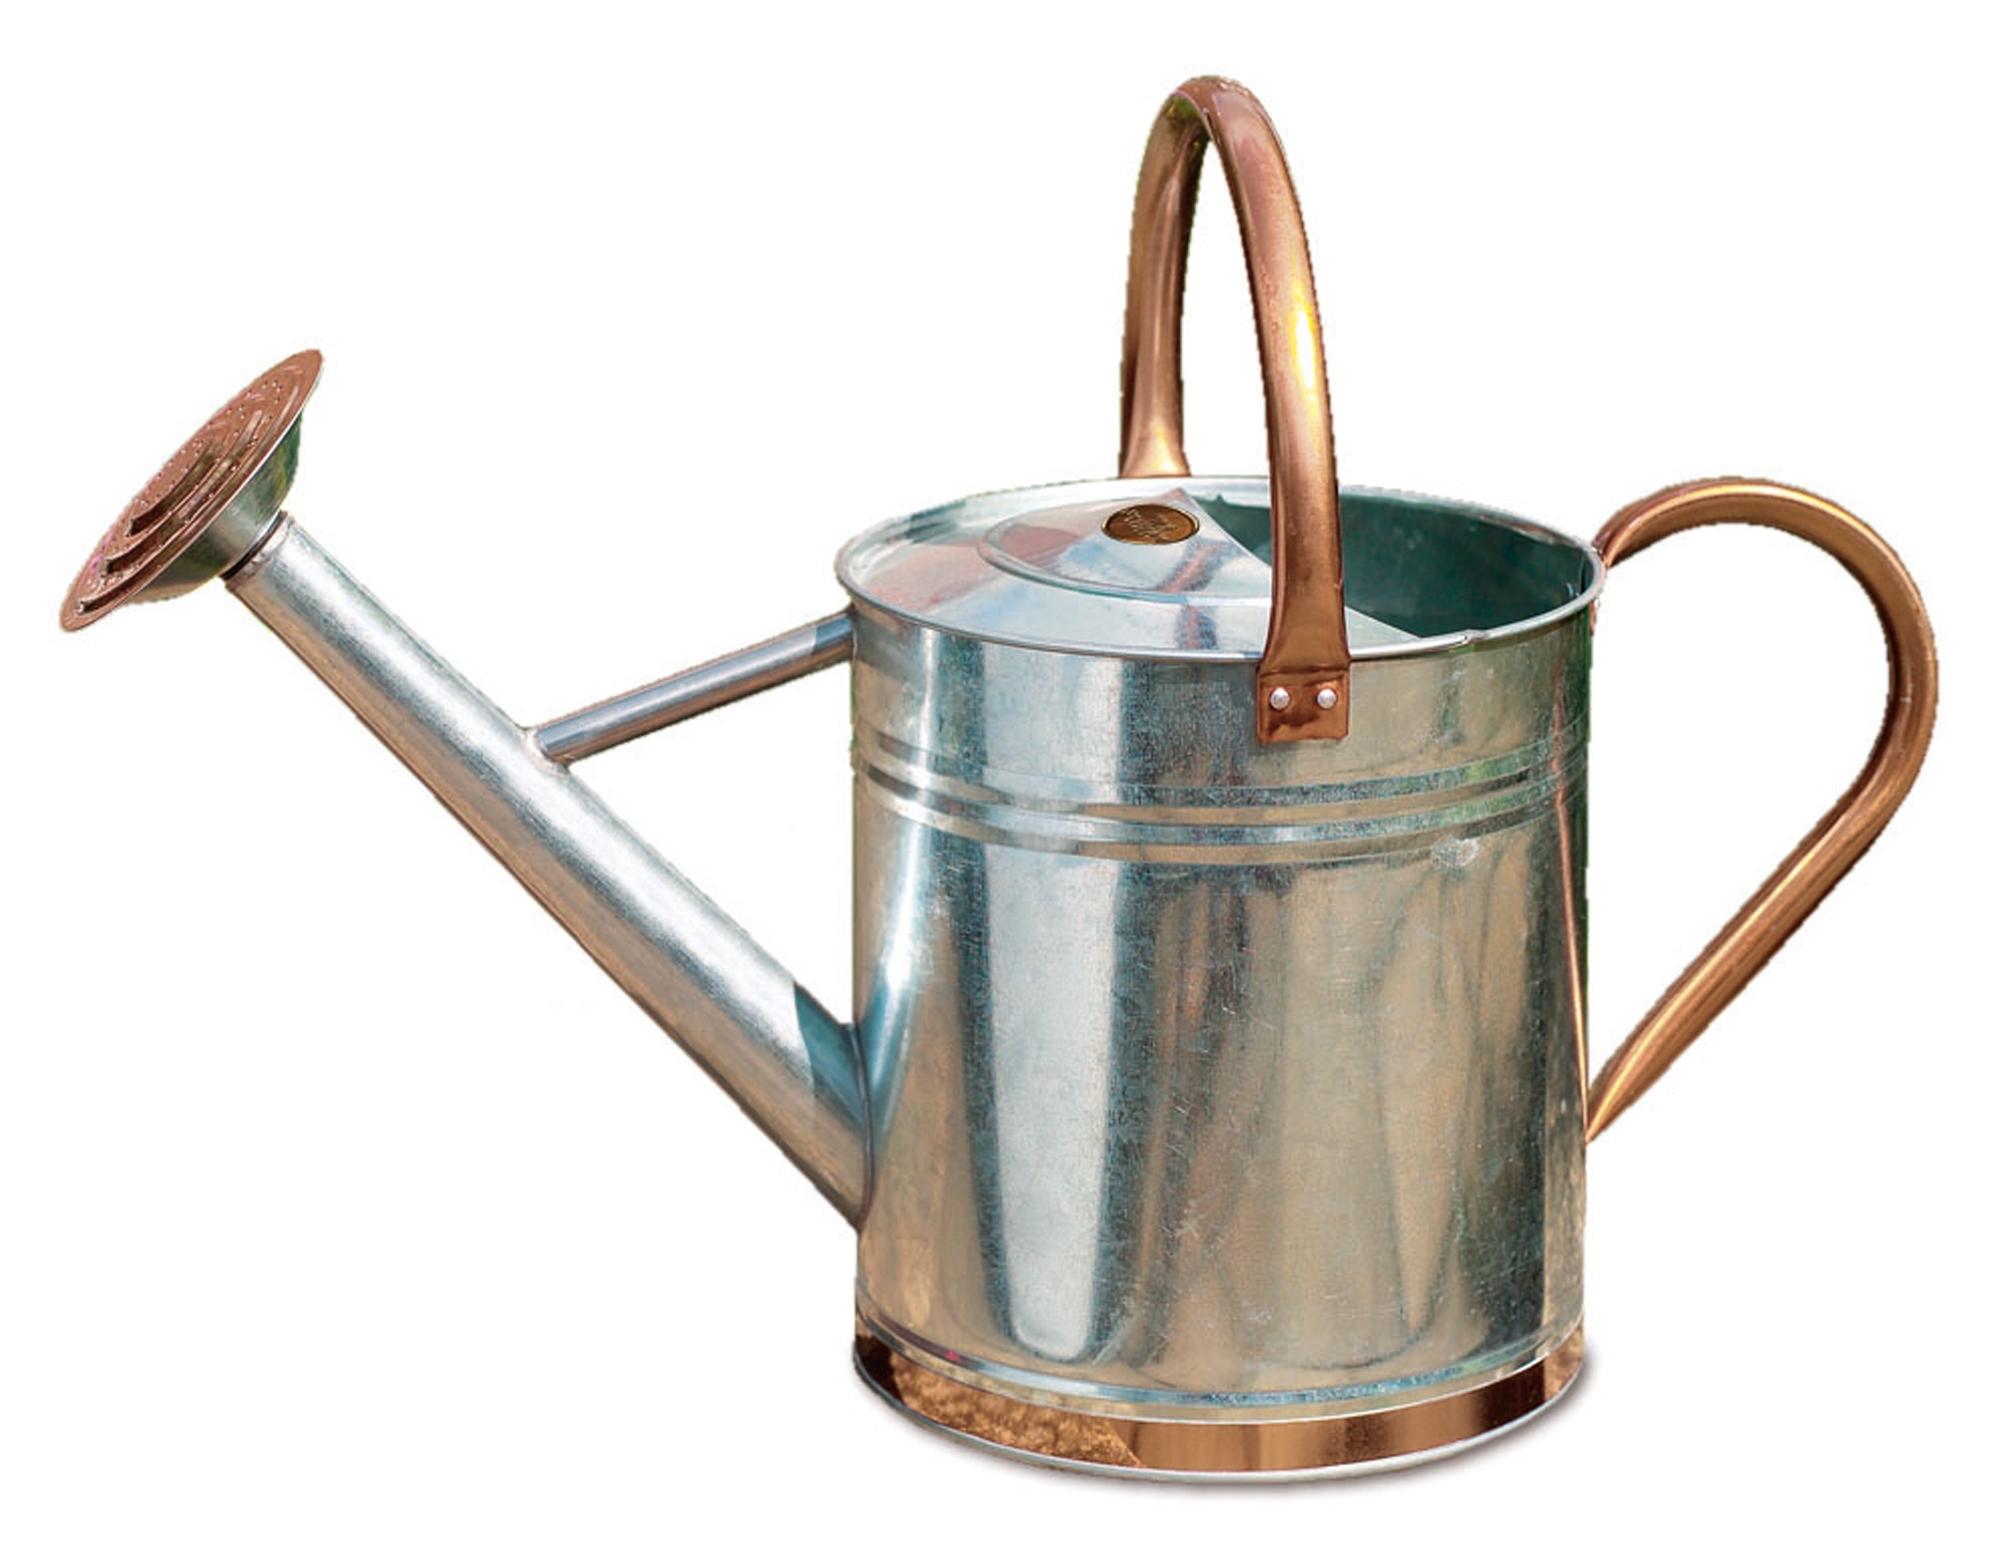 Gardman metal watering can grey vintage design 9l 2 gal galvanised steel ebay - Gallon metal watering can ...